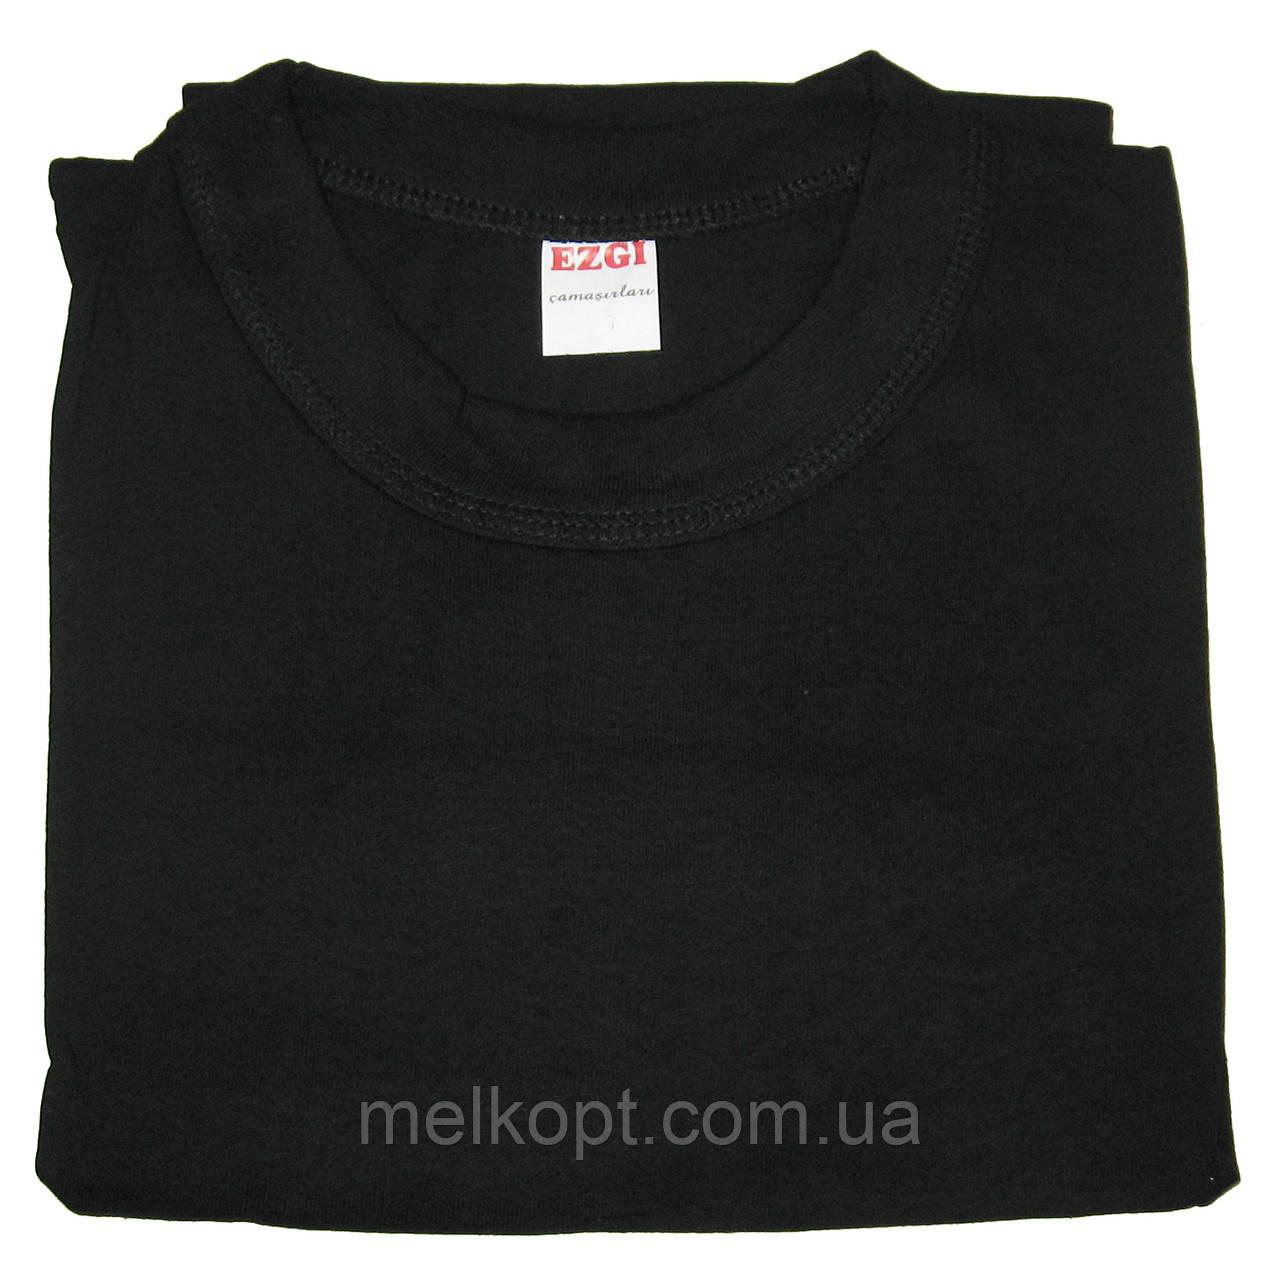 Чоловічі футболки Ezgi - 51,00 грн./шт. (54-й розмір, чорні)